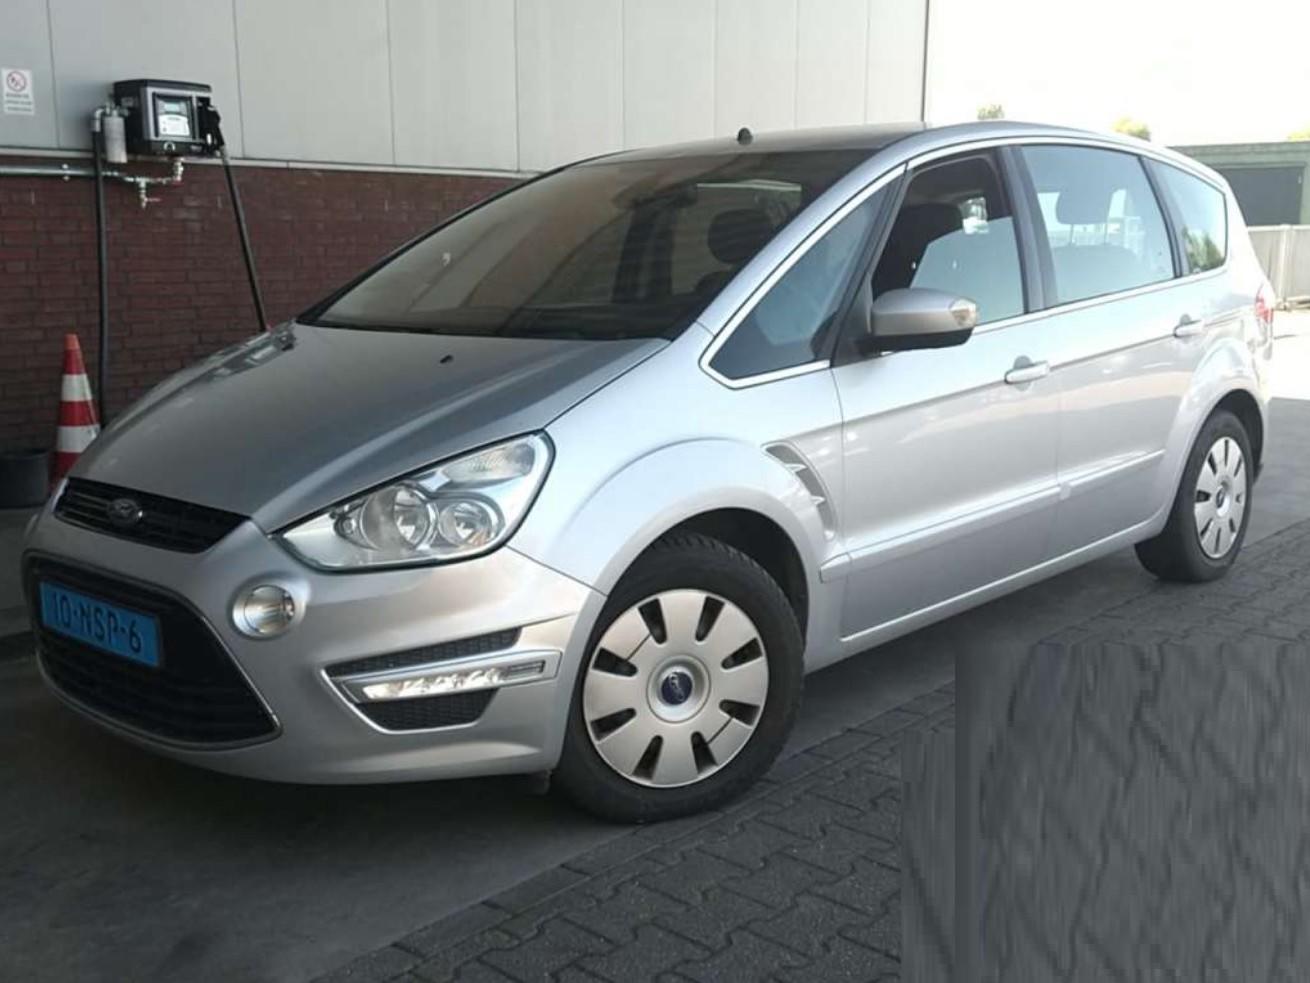 Ford S-max 2.0 tdci titanium *ecc+cruise*